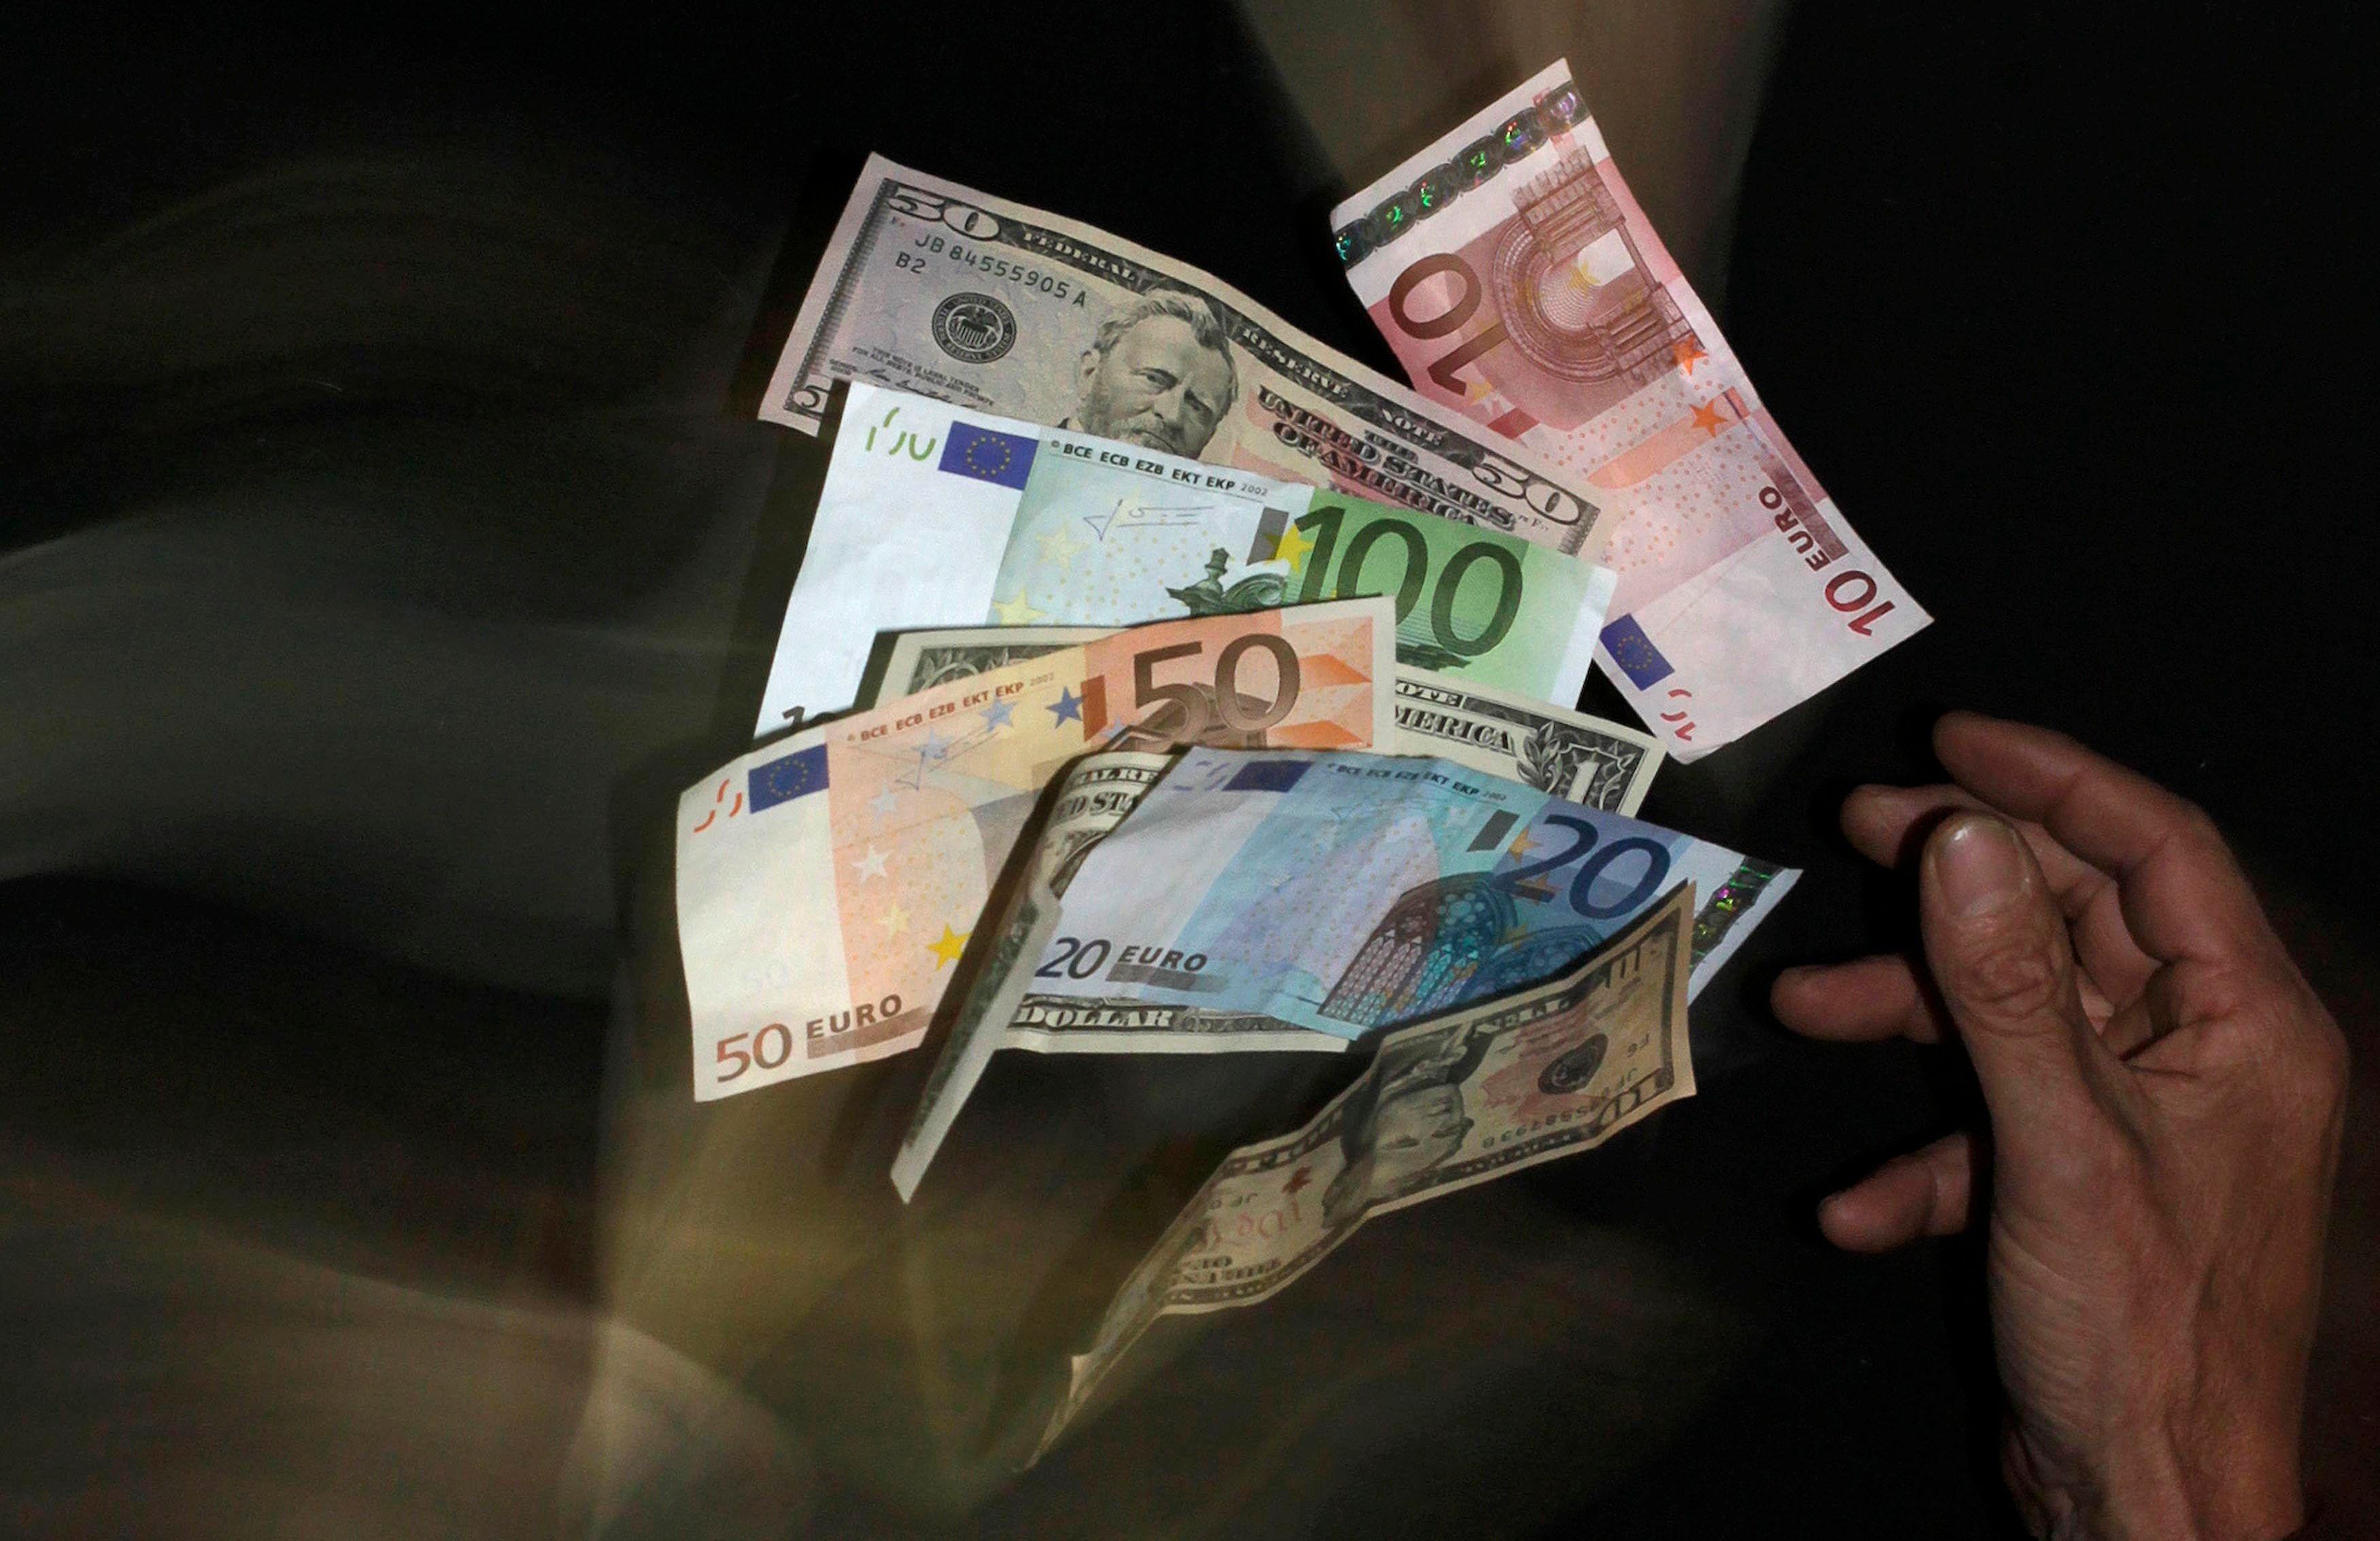 Les chrétiens-démocrates d'Angela Merkel et les sociaux-démocrates ont convenu lundi du principe d'une taxe sur les transactions financières.